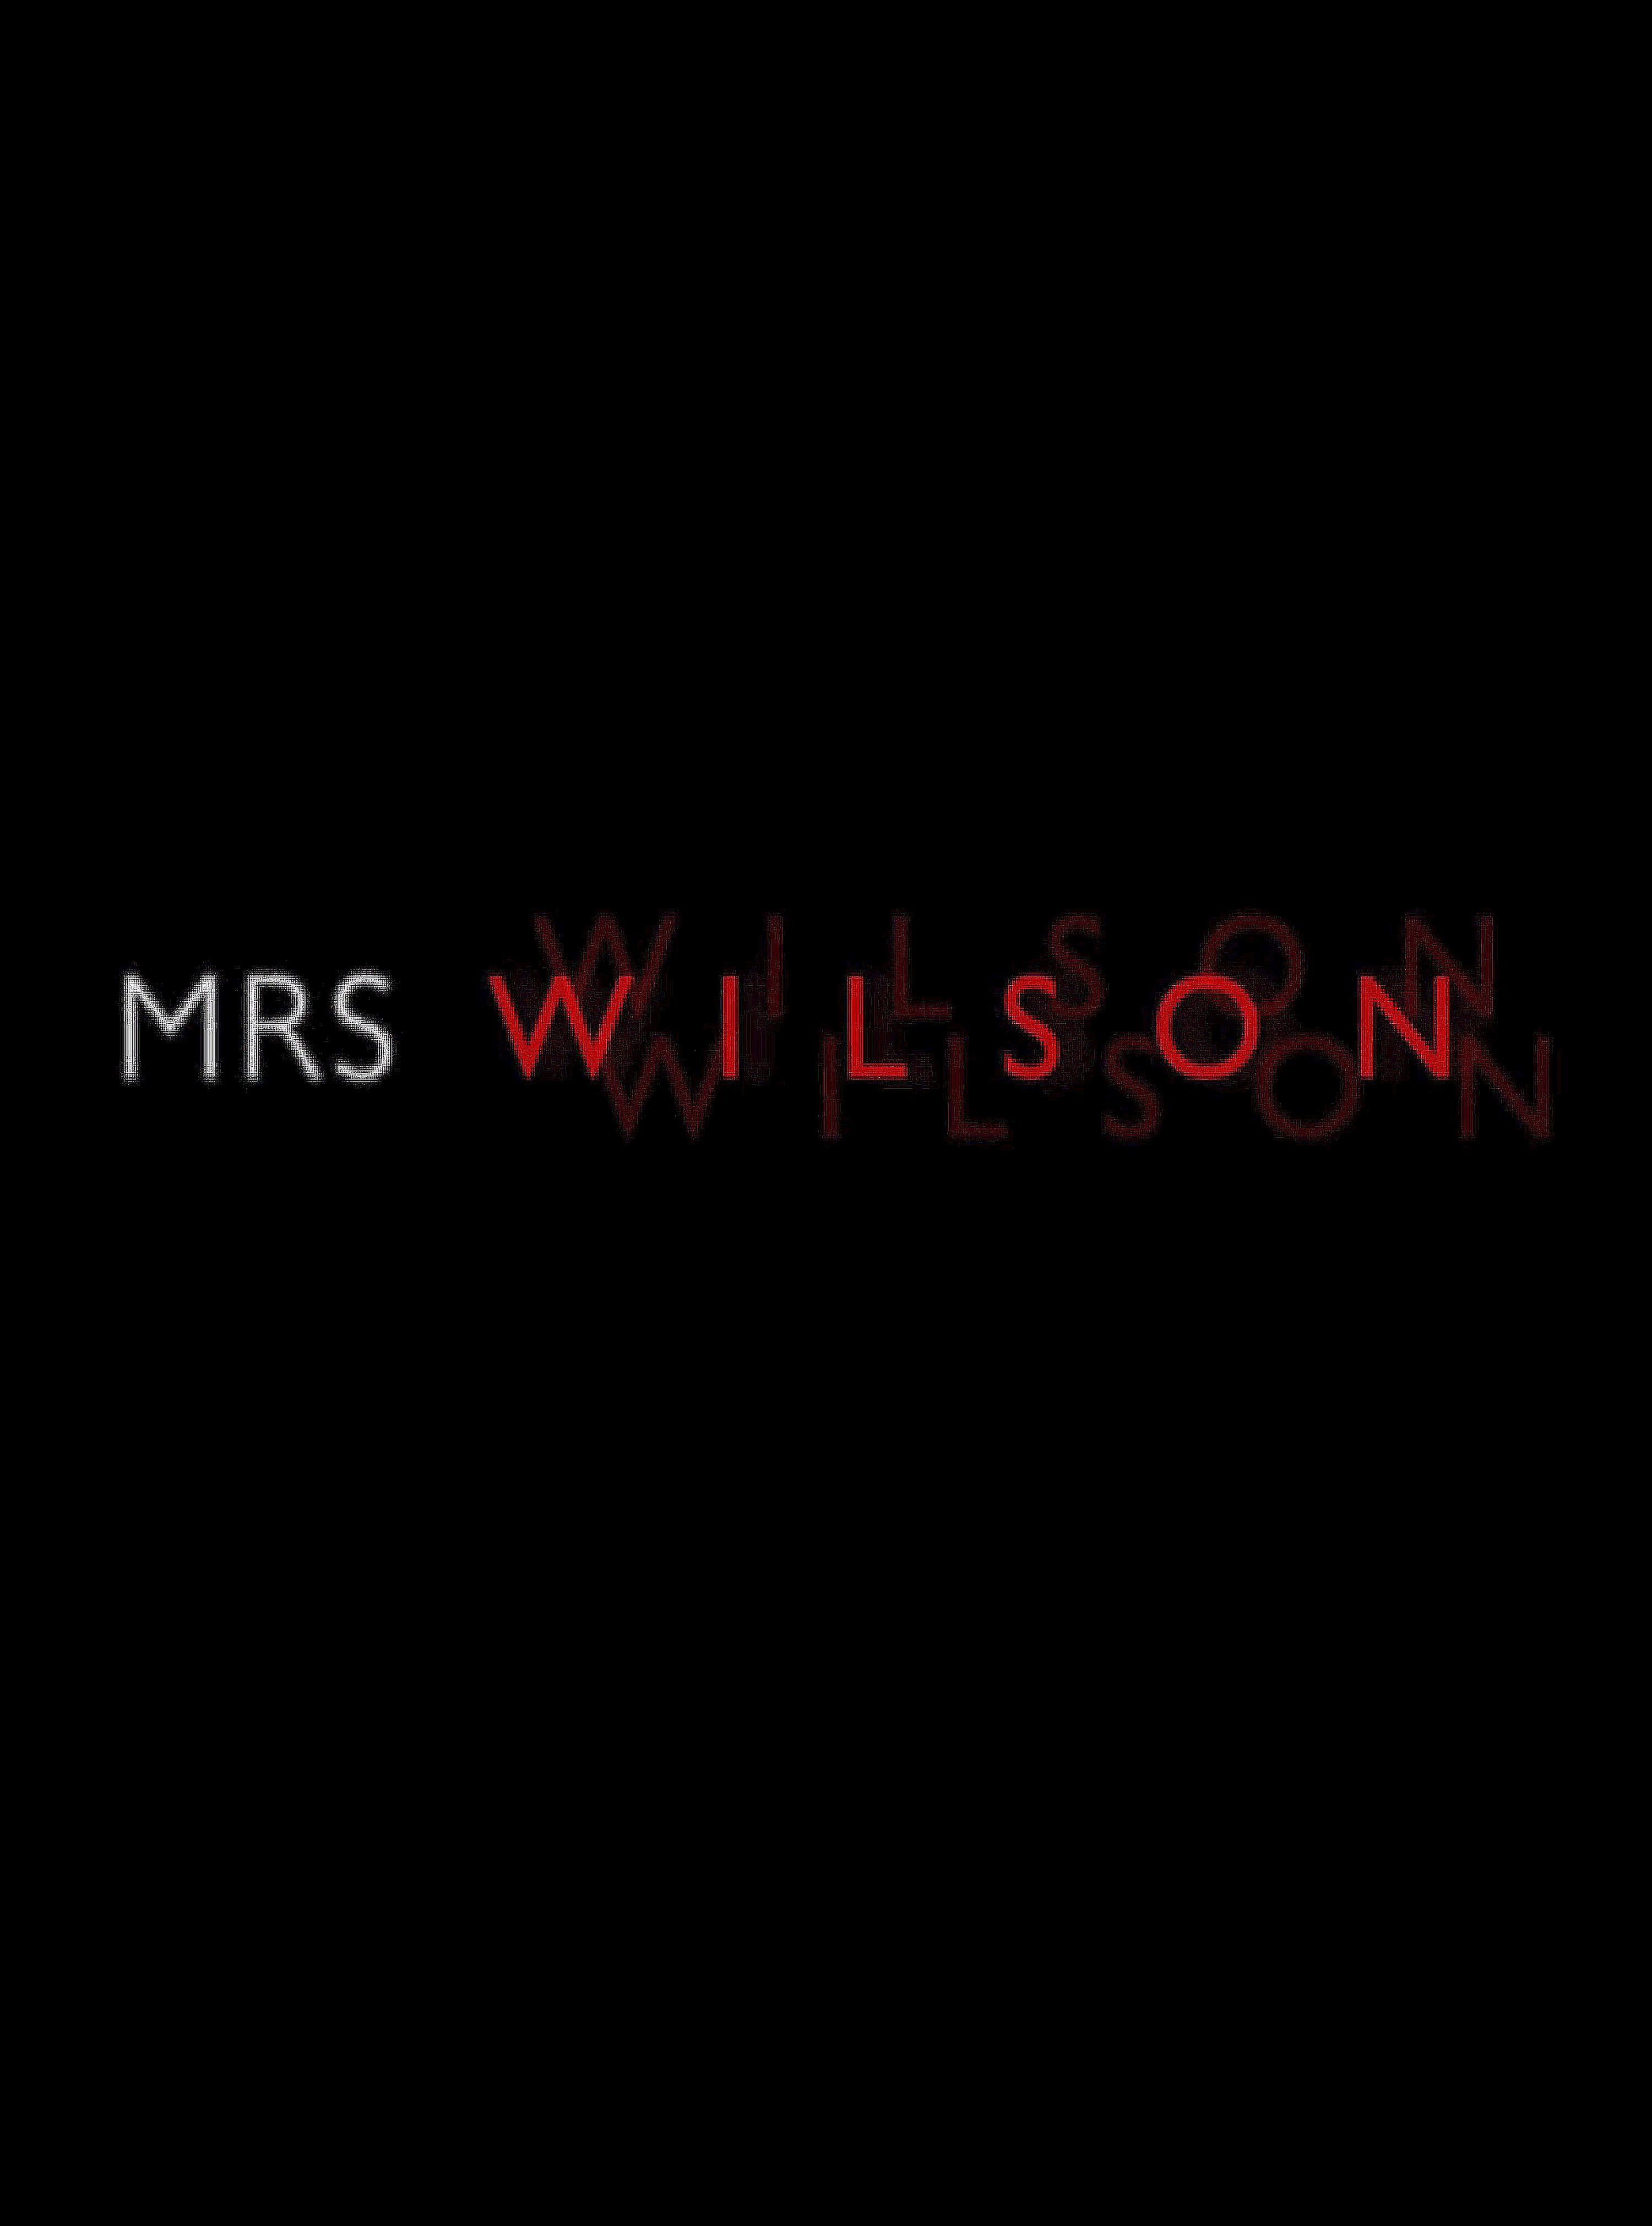 Mrs. Wilson Season 1 HDTV 480p, 720p & 1080p